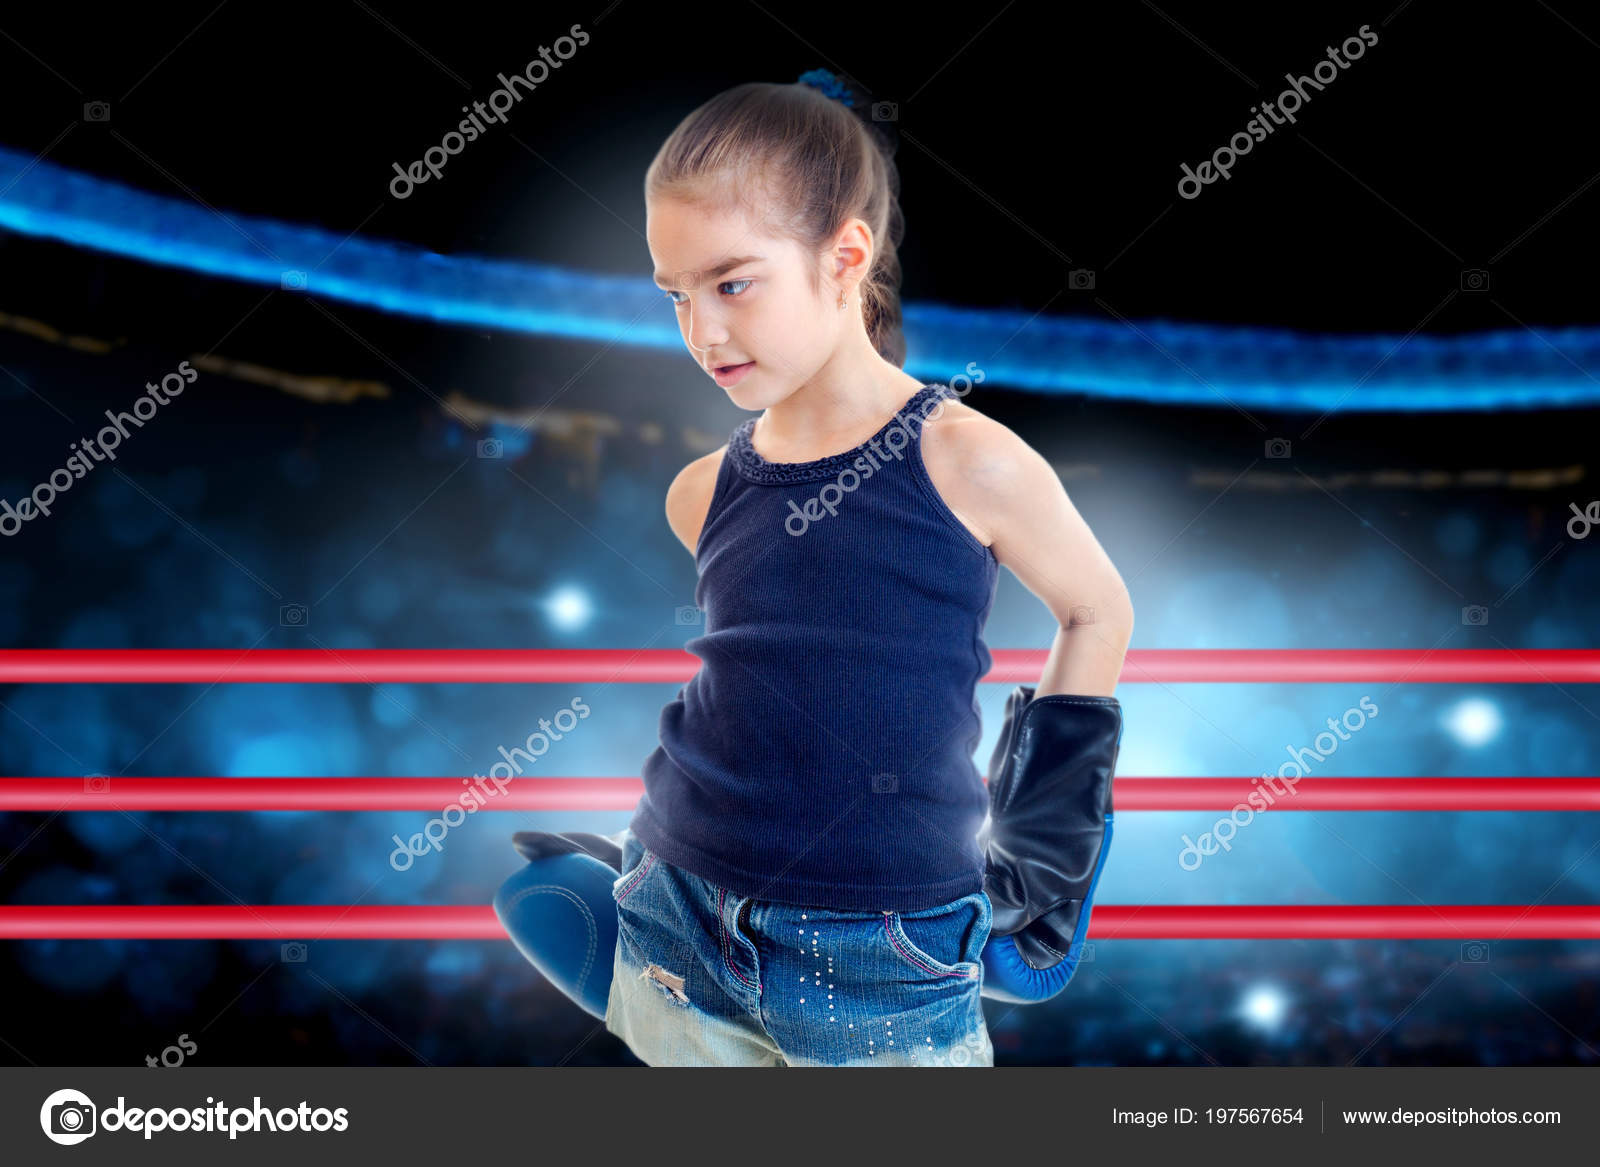 Little Girl Blue Boxing Gloves Ring — Stock Photo © ponomarencko